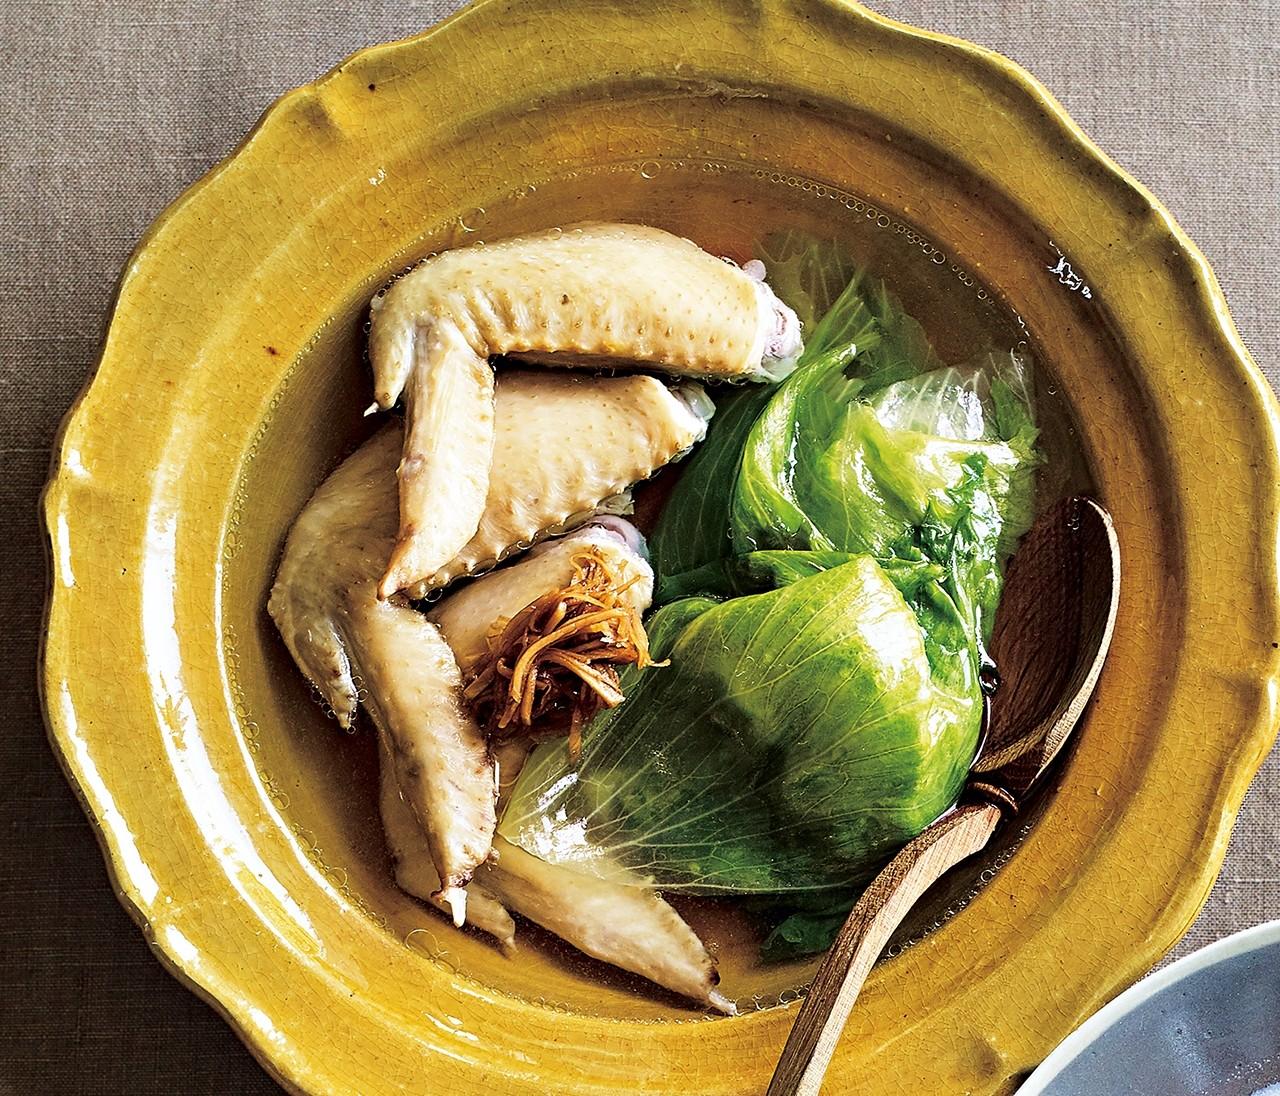 罪悪感ゼロ!スープ作家特製たっぷり野菜レシピ4品【有賀 薫さんのスープレシピ②】